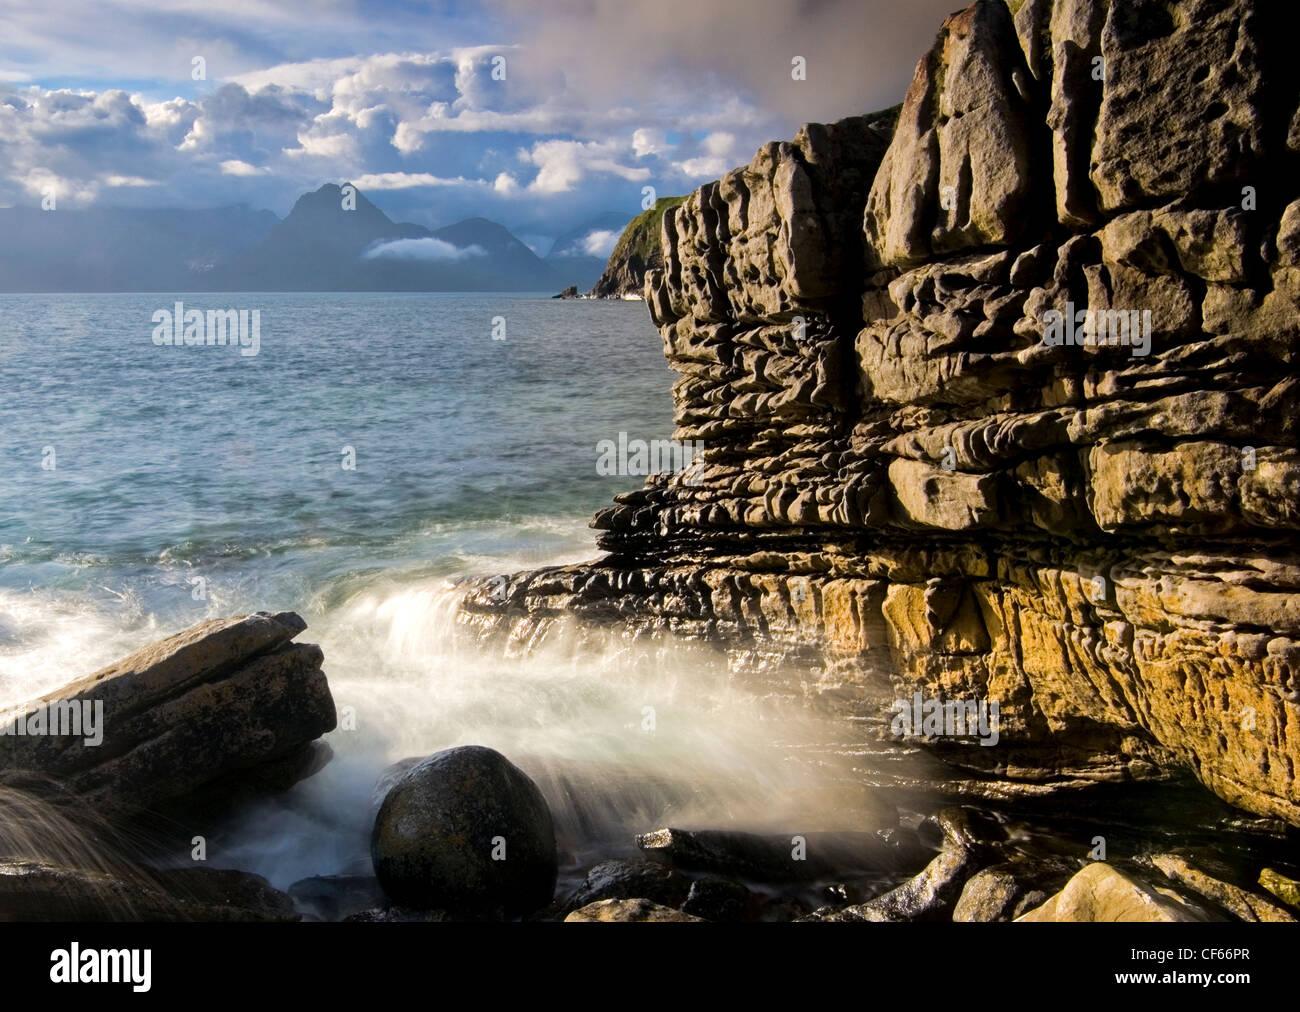 Waves crashing onto rocks at Elgol on the Isle of Skye. - Stock Image